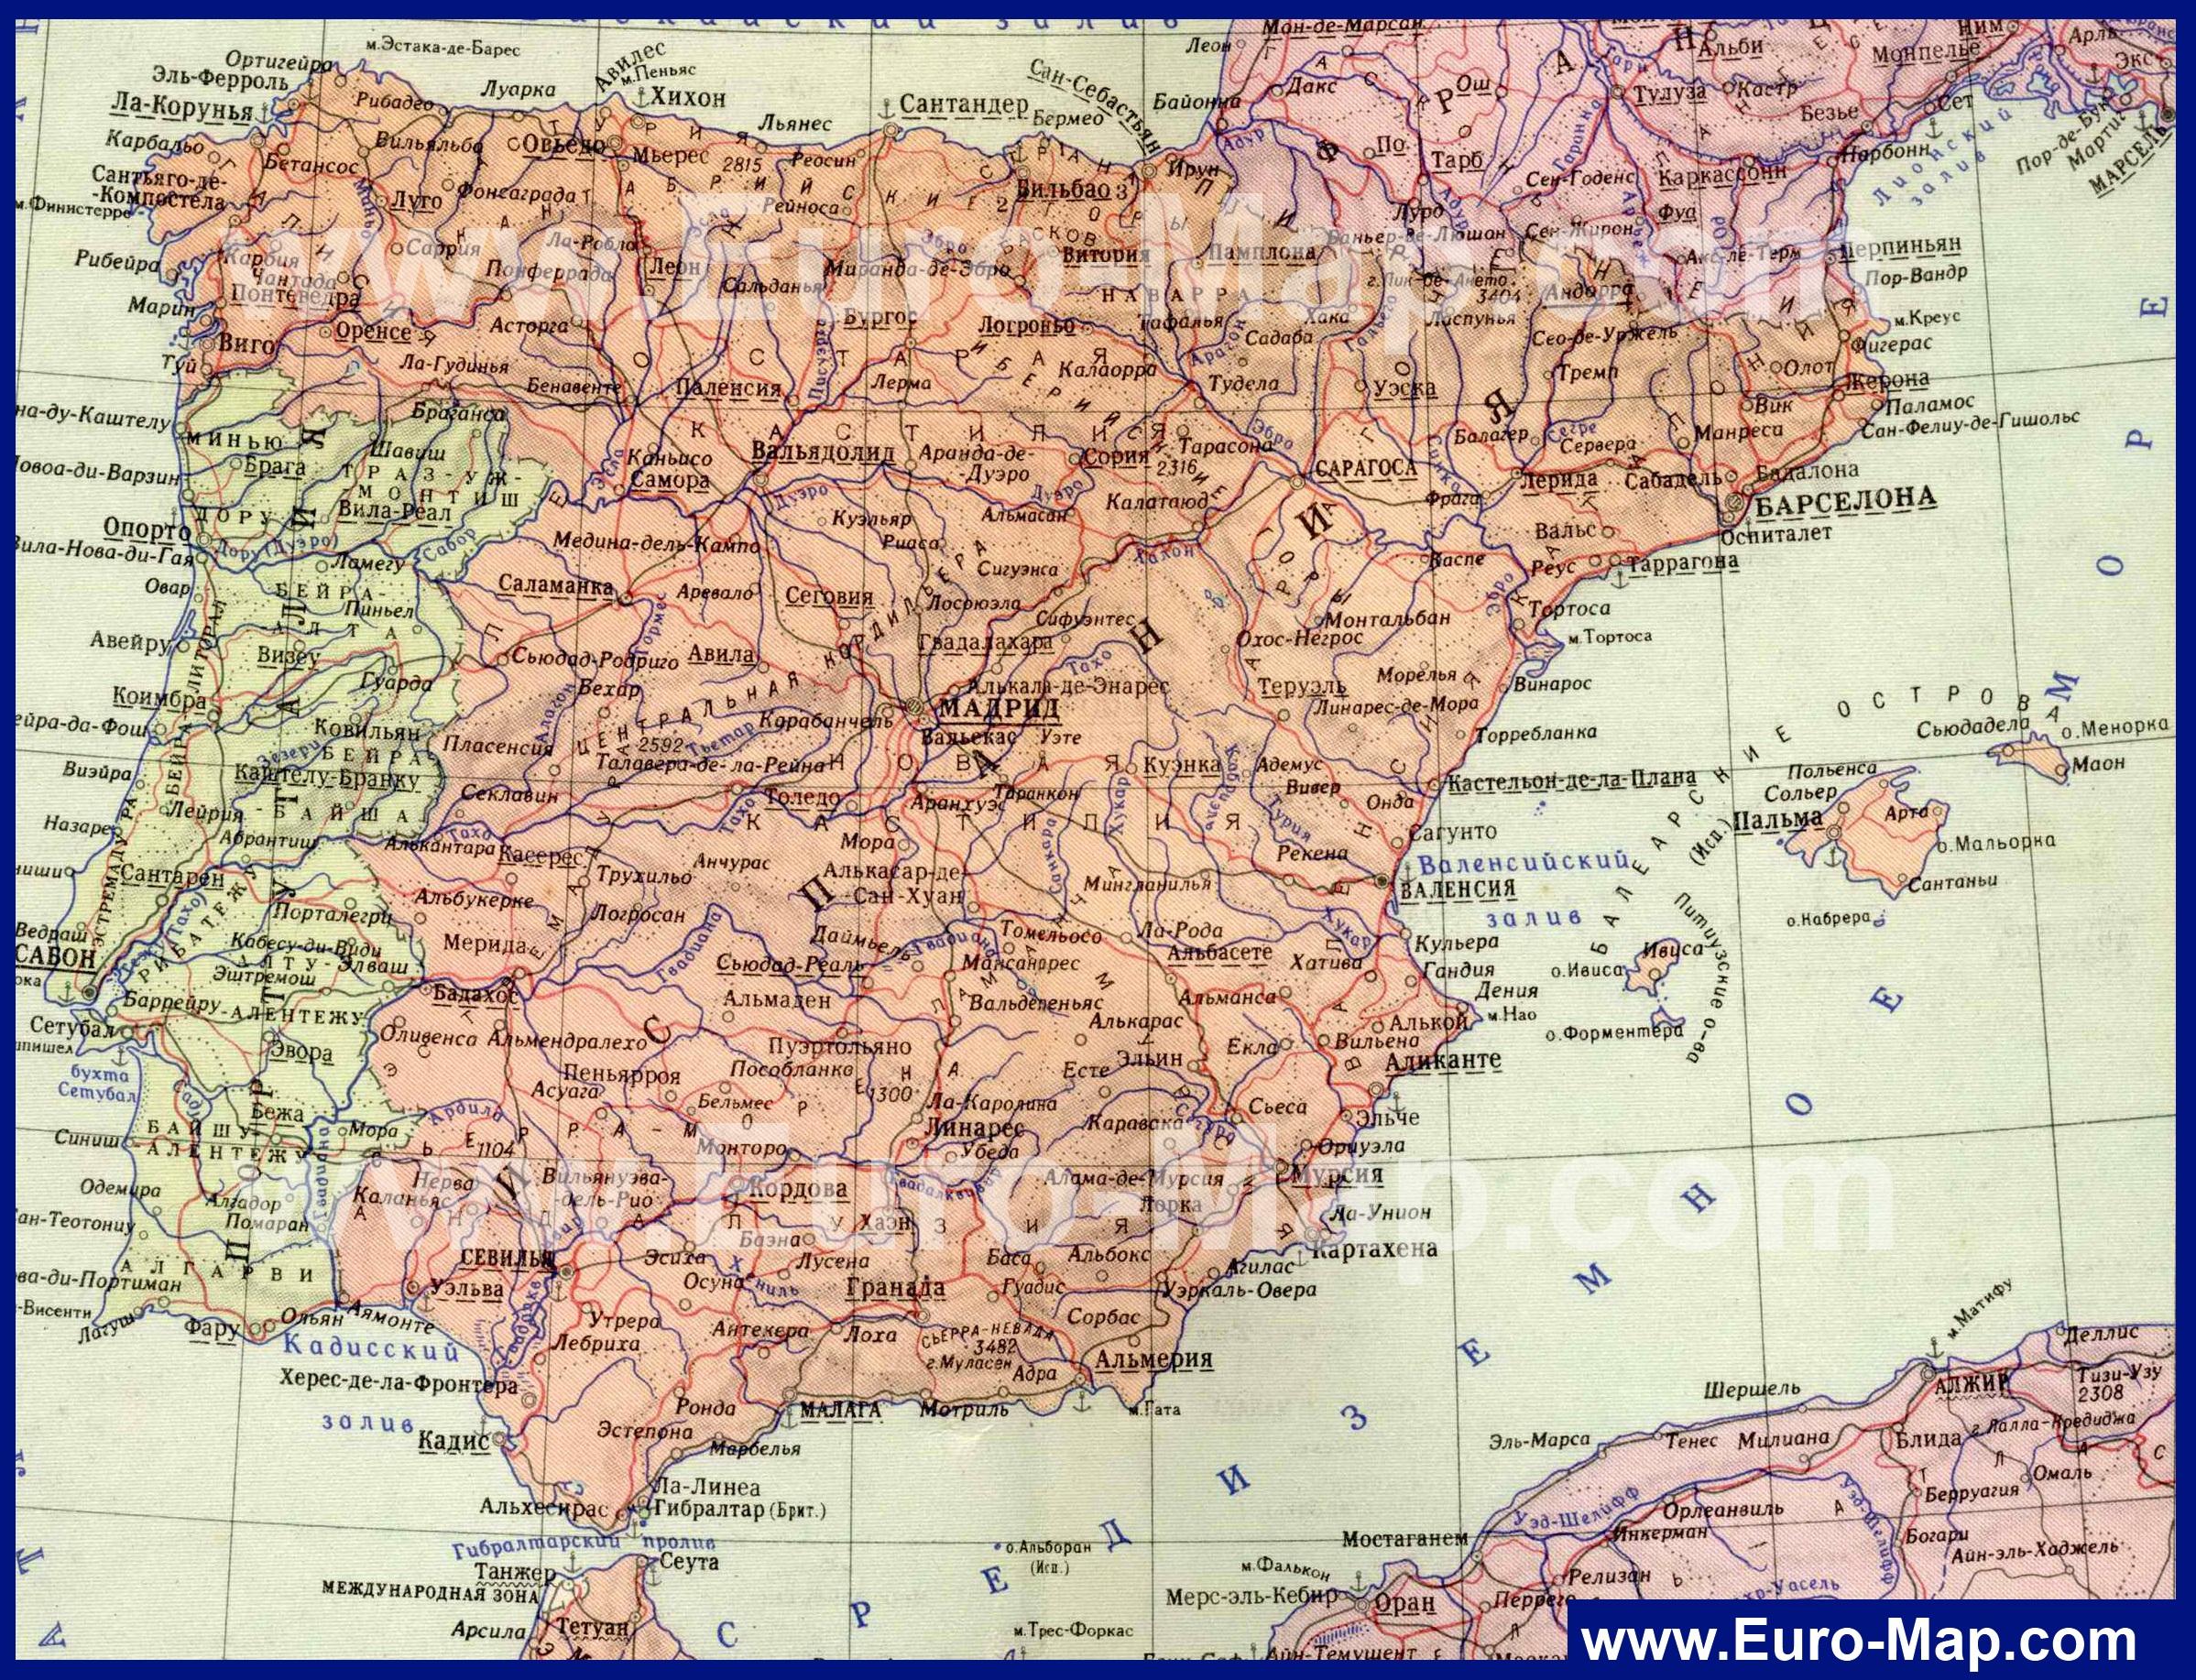 http://euro-map.com/karty-ispanii/podrobnaya-karta-ispanii-na-russkom-yazyke.jpg